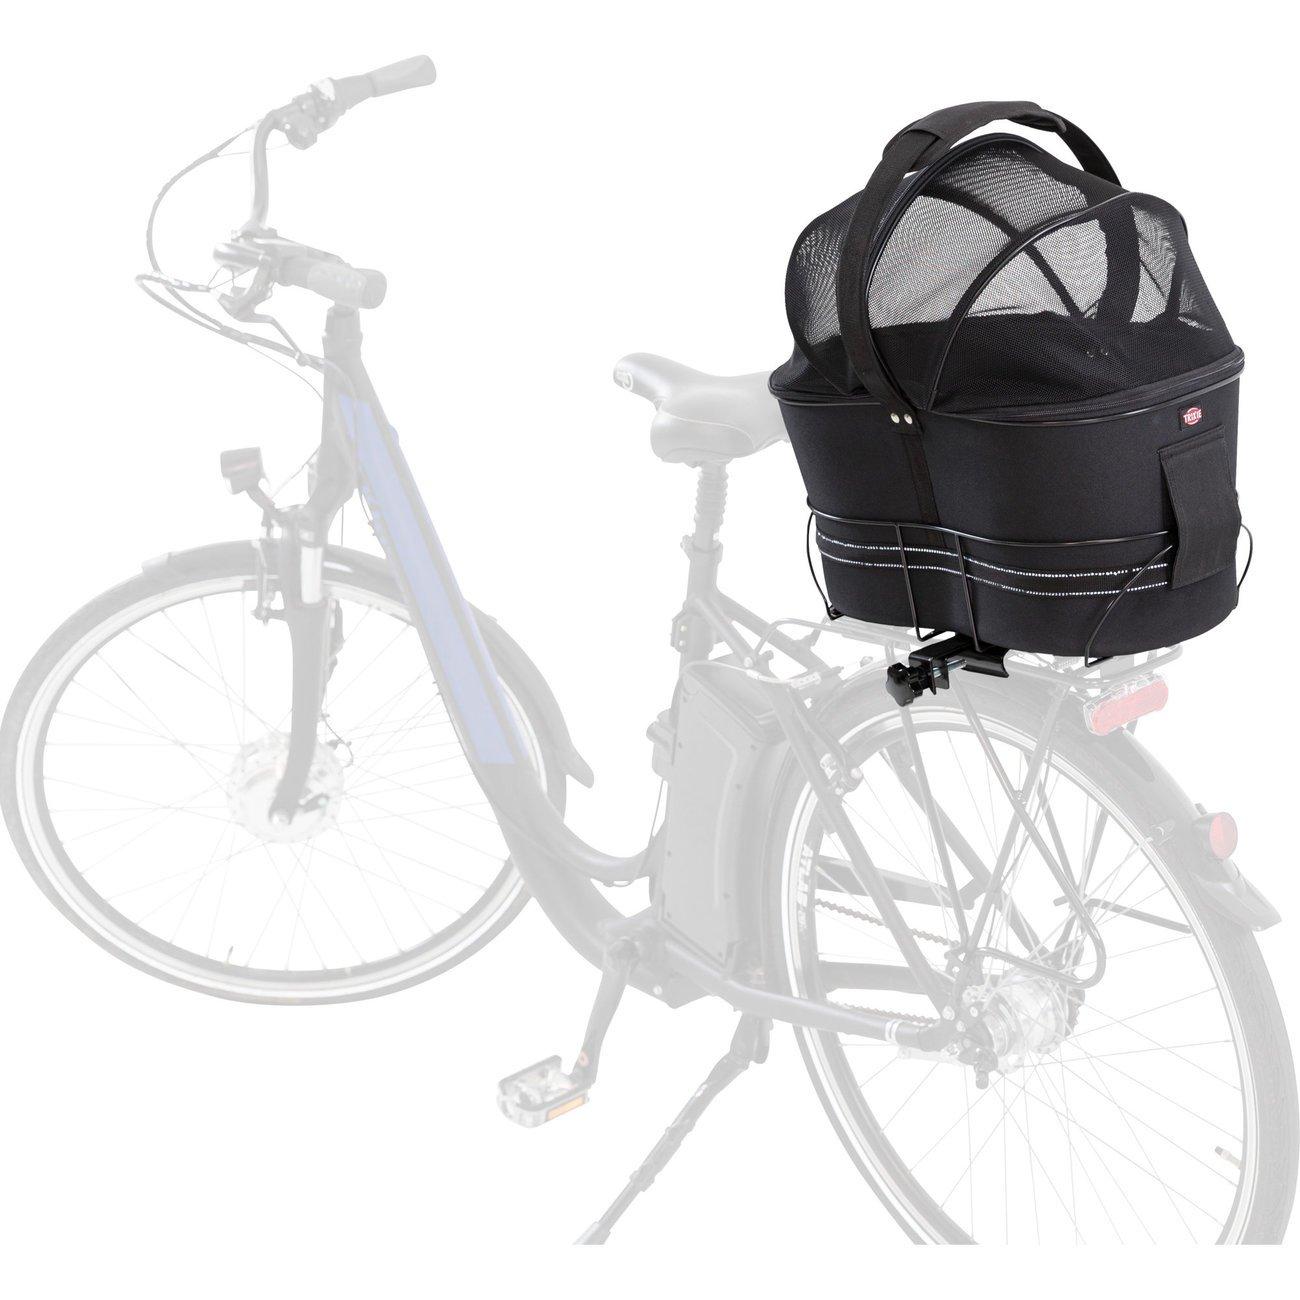 Fahrradtasche mit Metallrahmen für breite Gepäckträger Bild 4